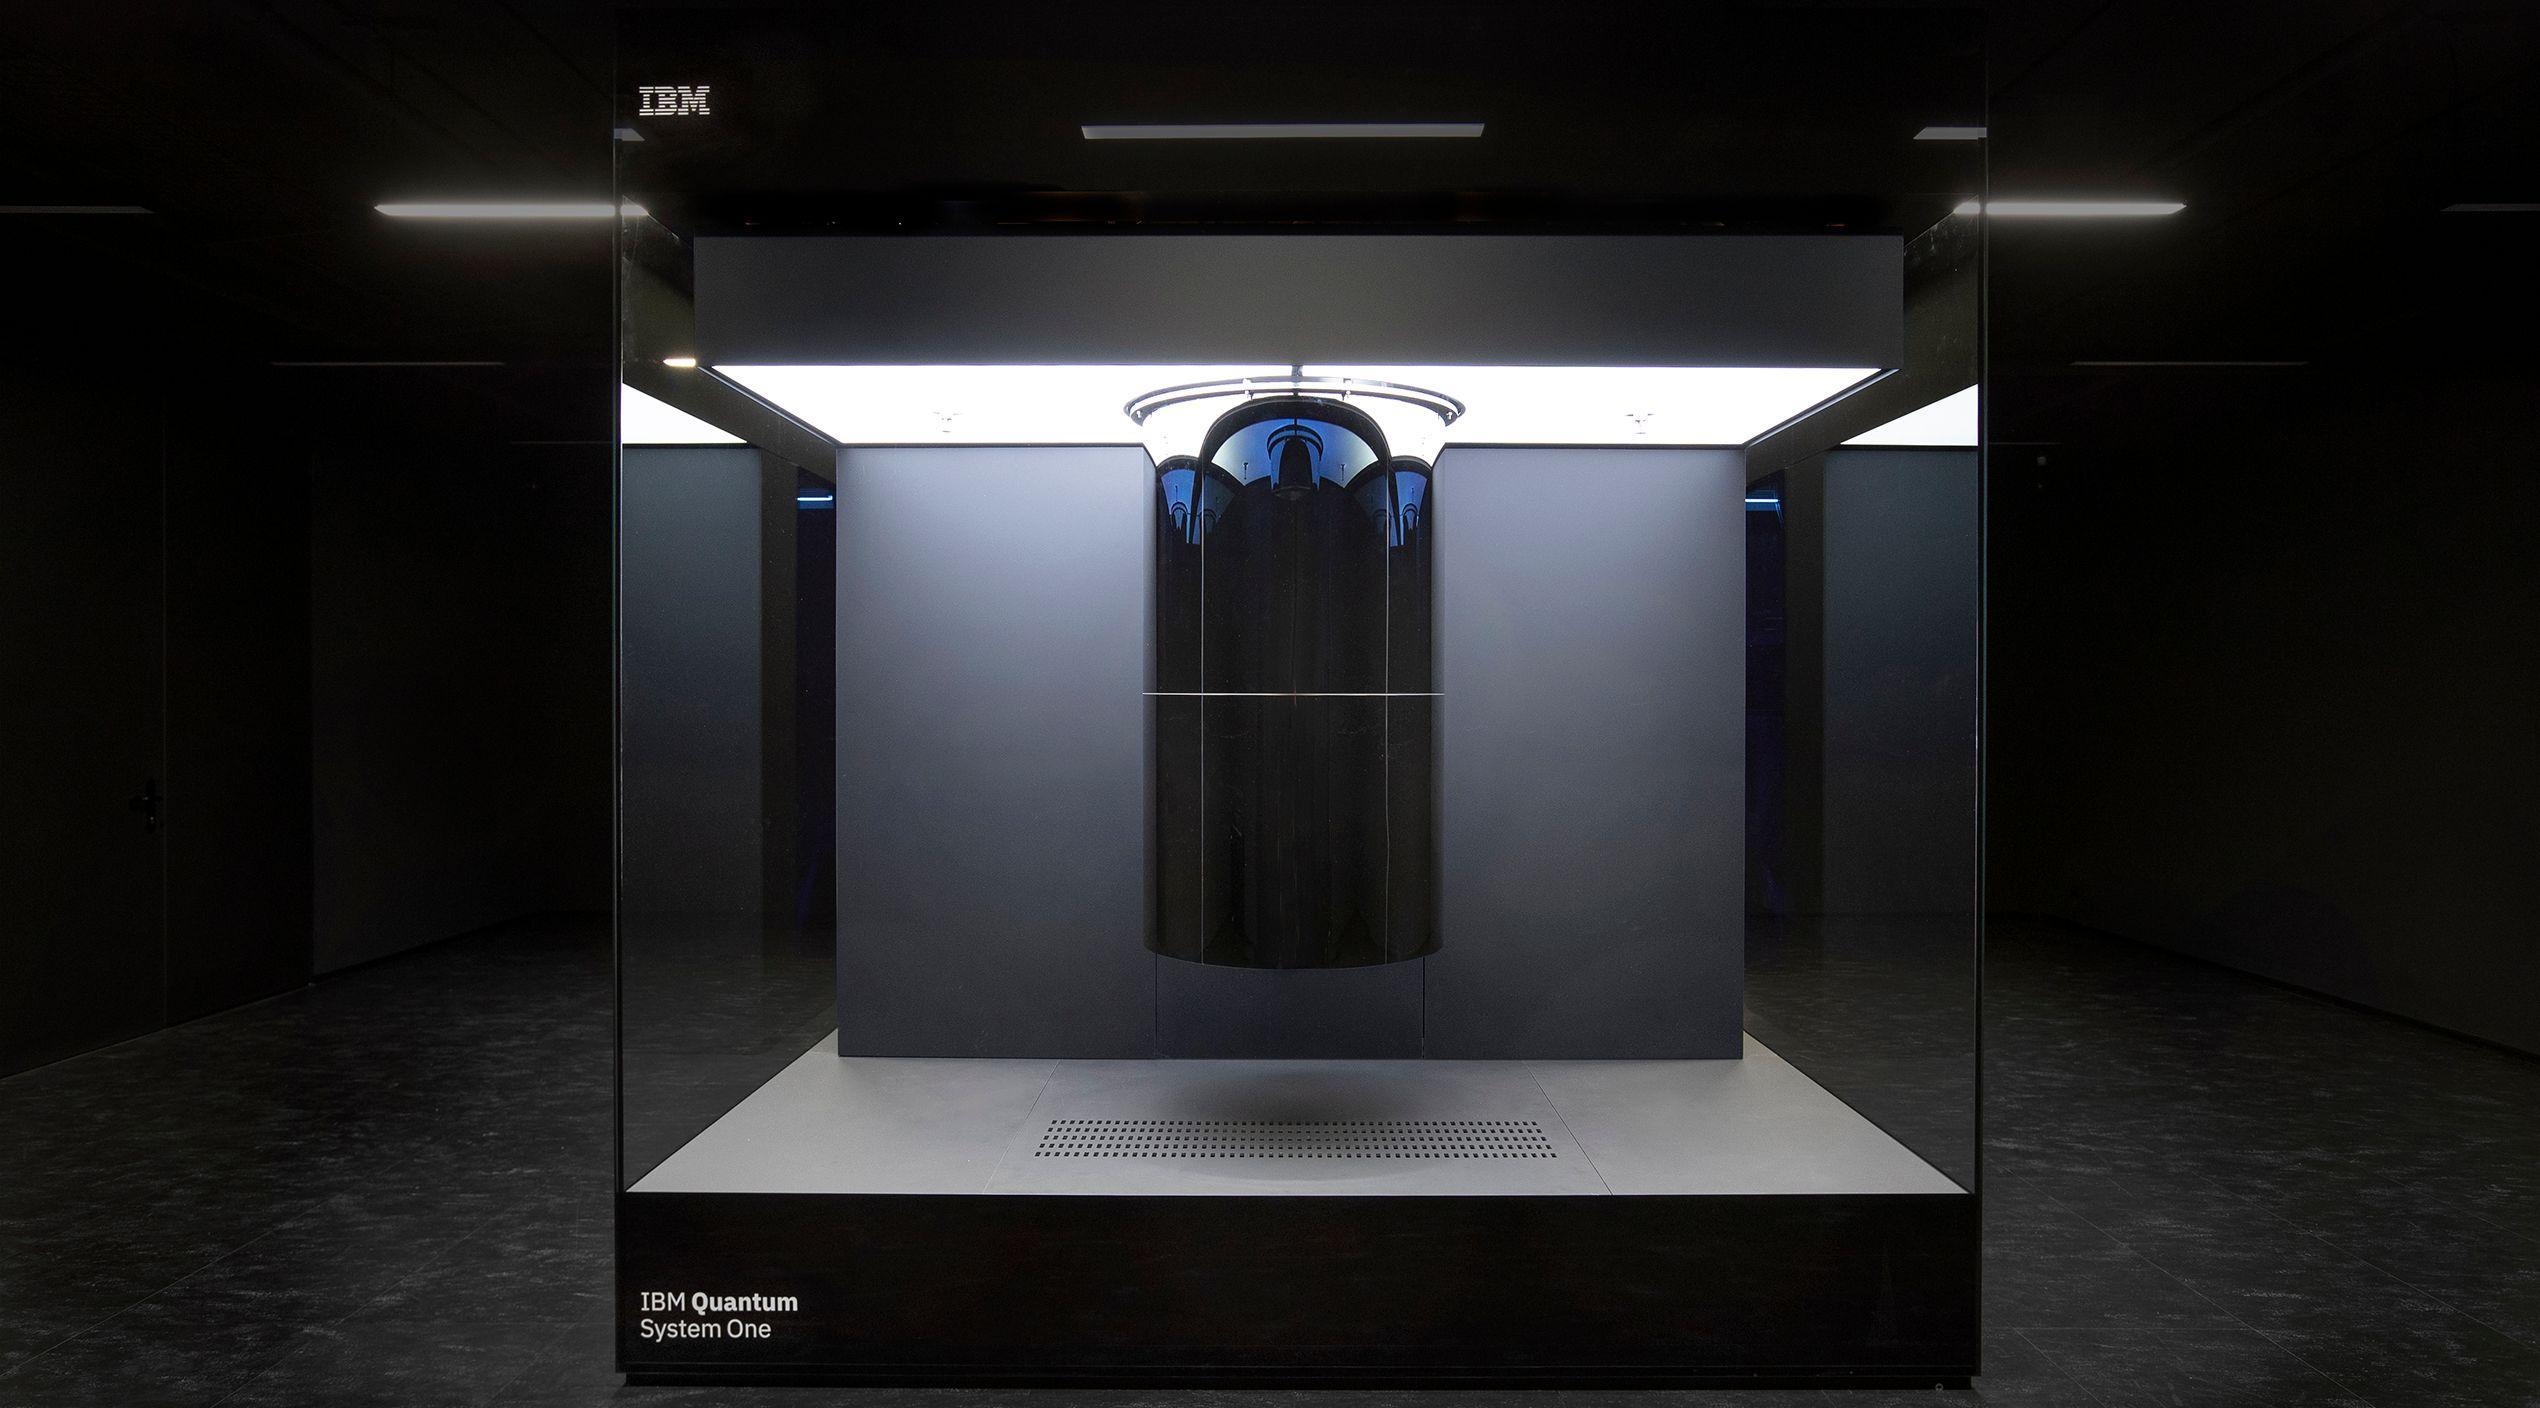 IBM Quantum System One installed at Fraunhofer Institute